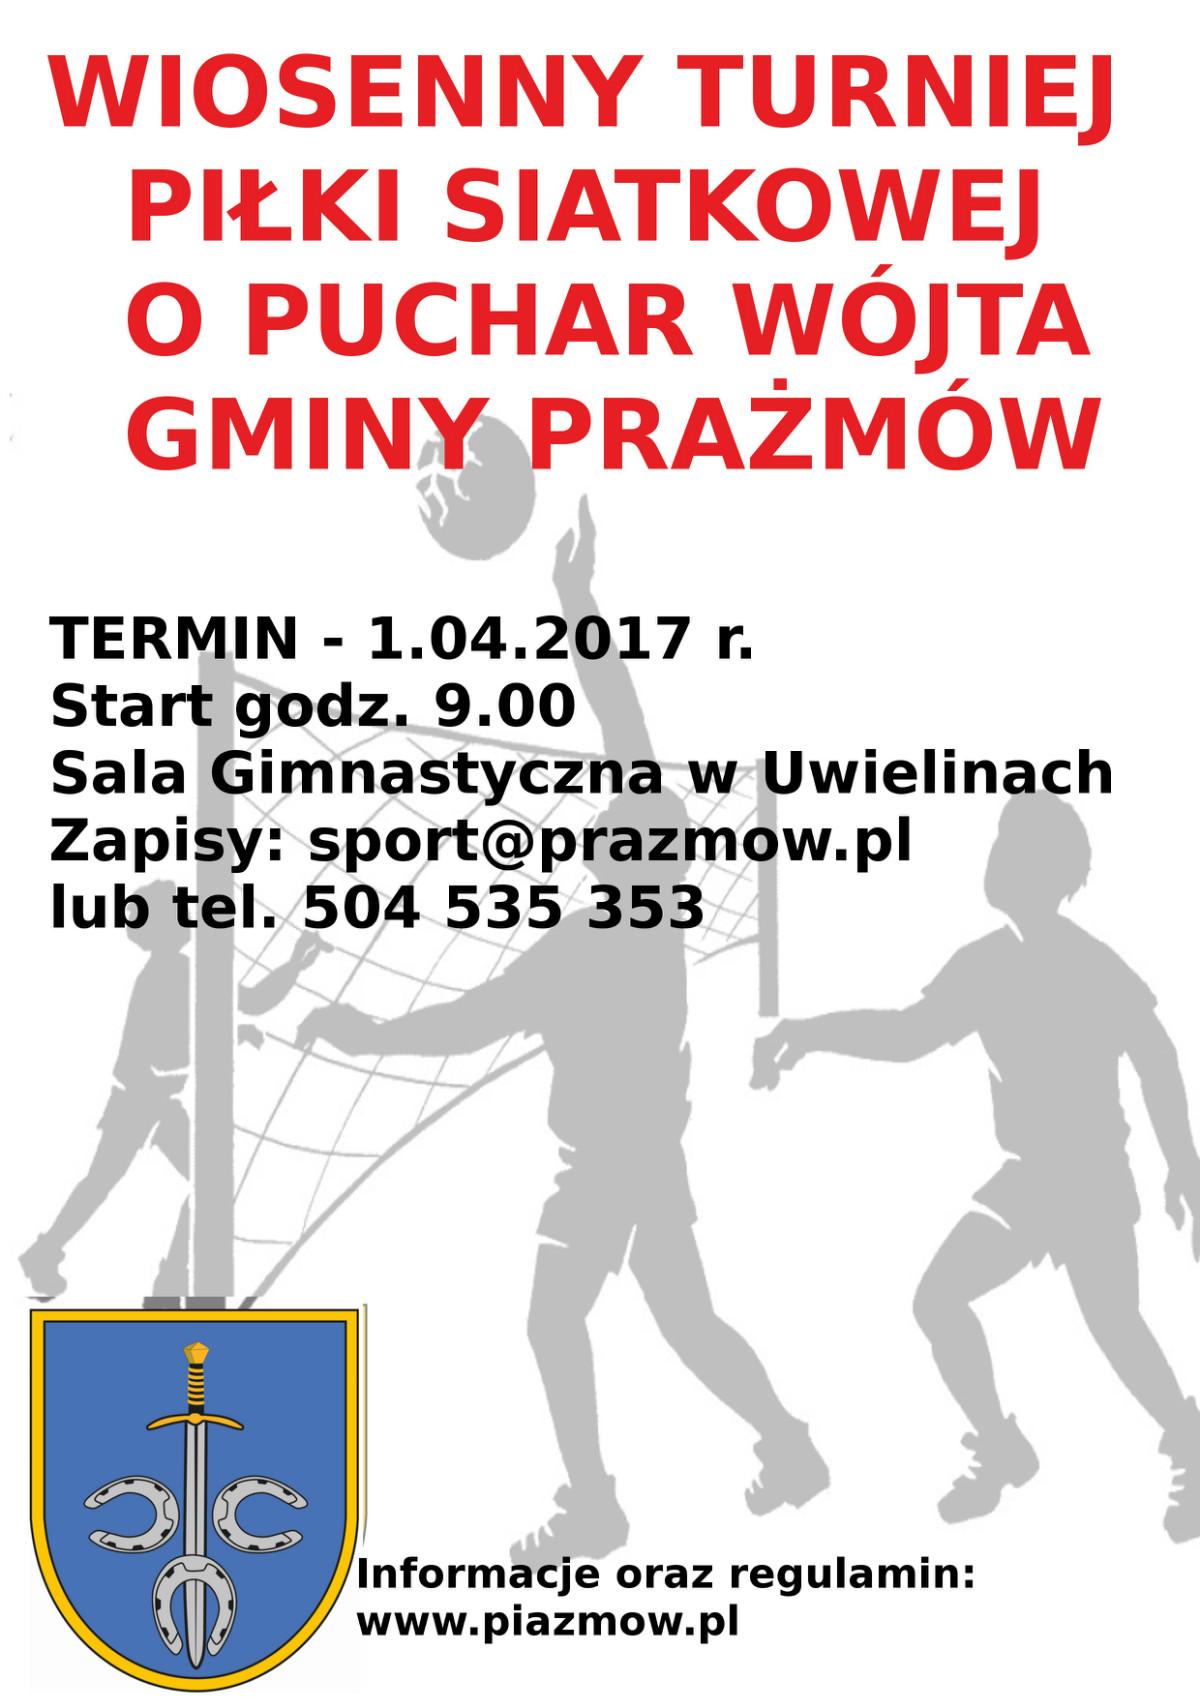 Wiosenny Turniej Piłki Siatkowej o Puchar Wójta Gminy Prażmów